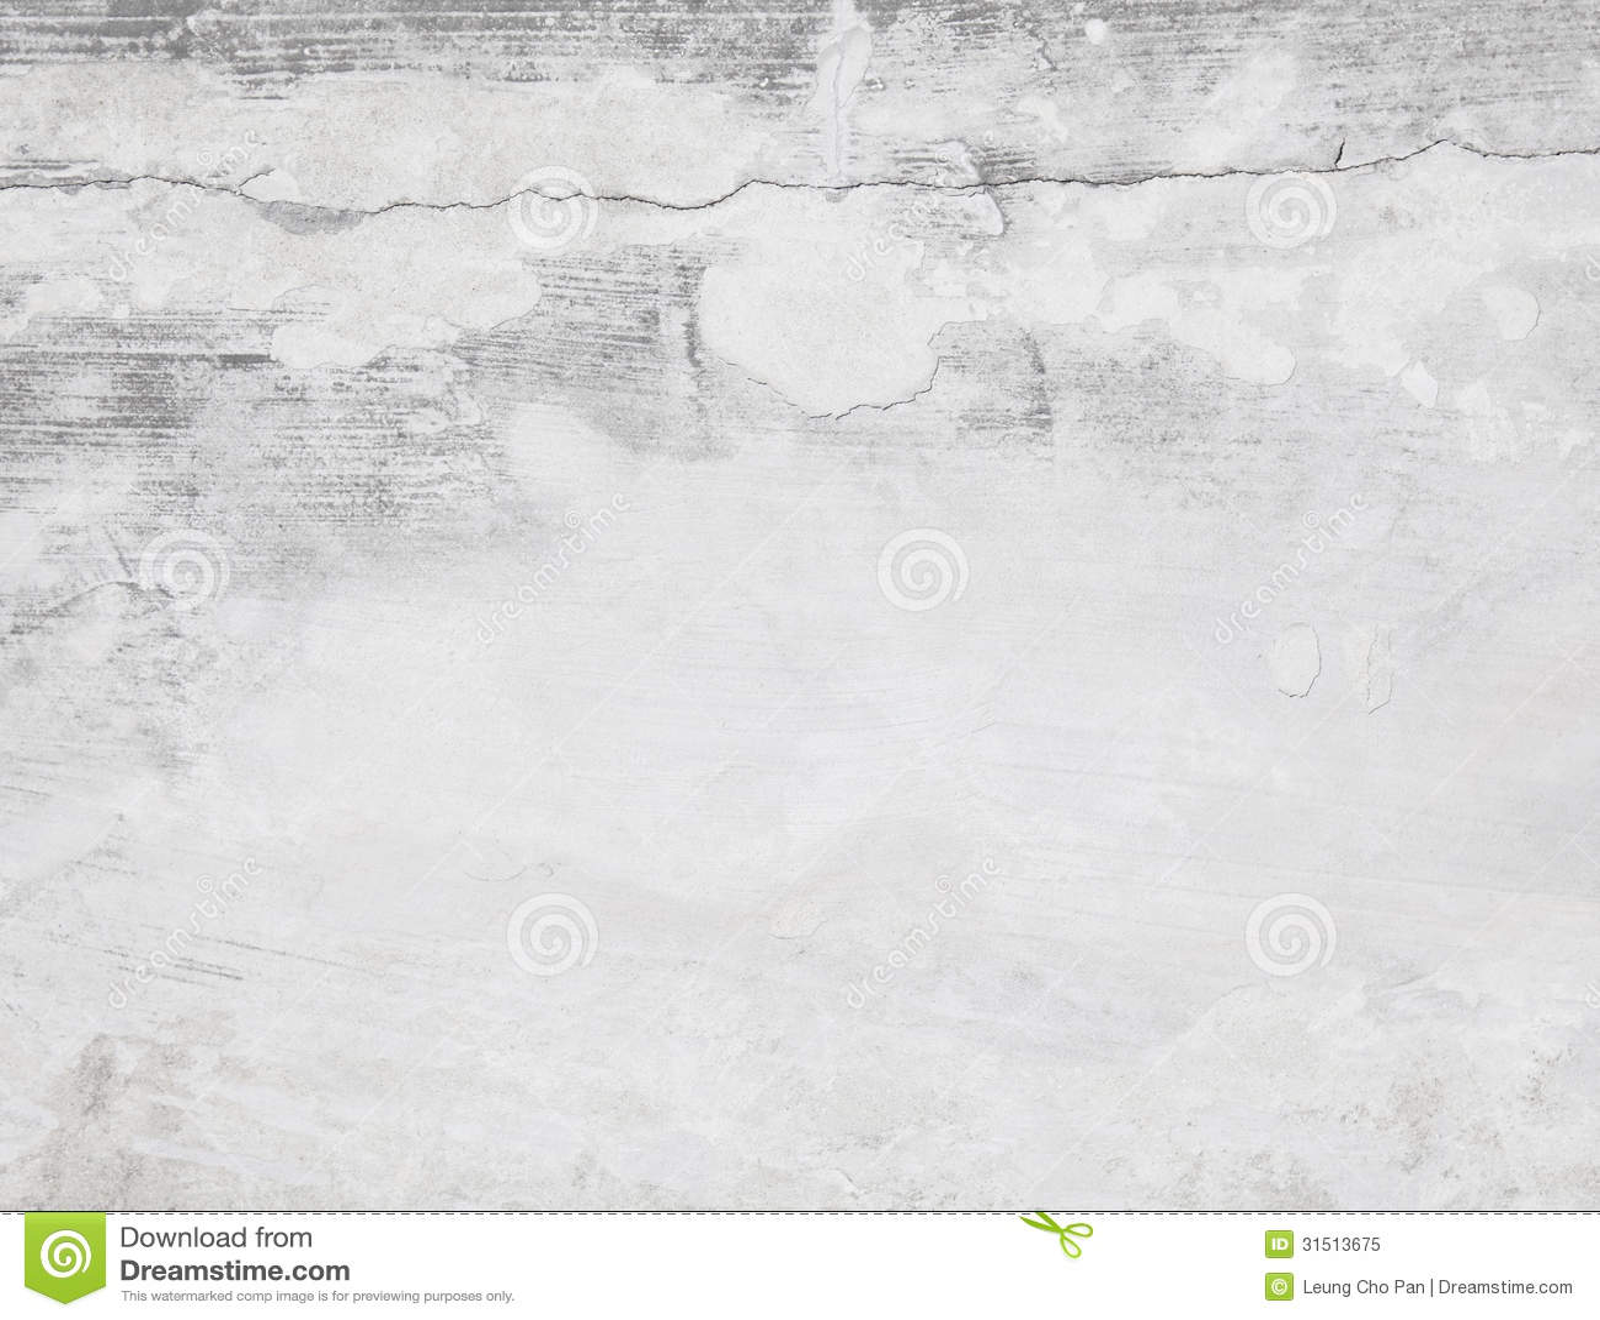 mur grunge sale blanc image stock image du conception 31513675. Black Bedroom Furniture Sets. Home Design Ideas